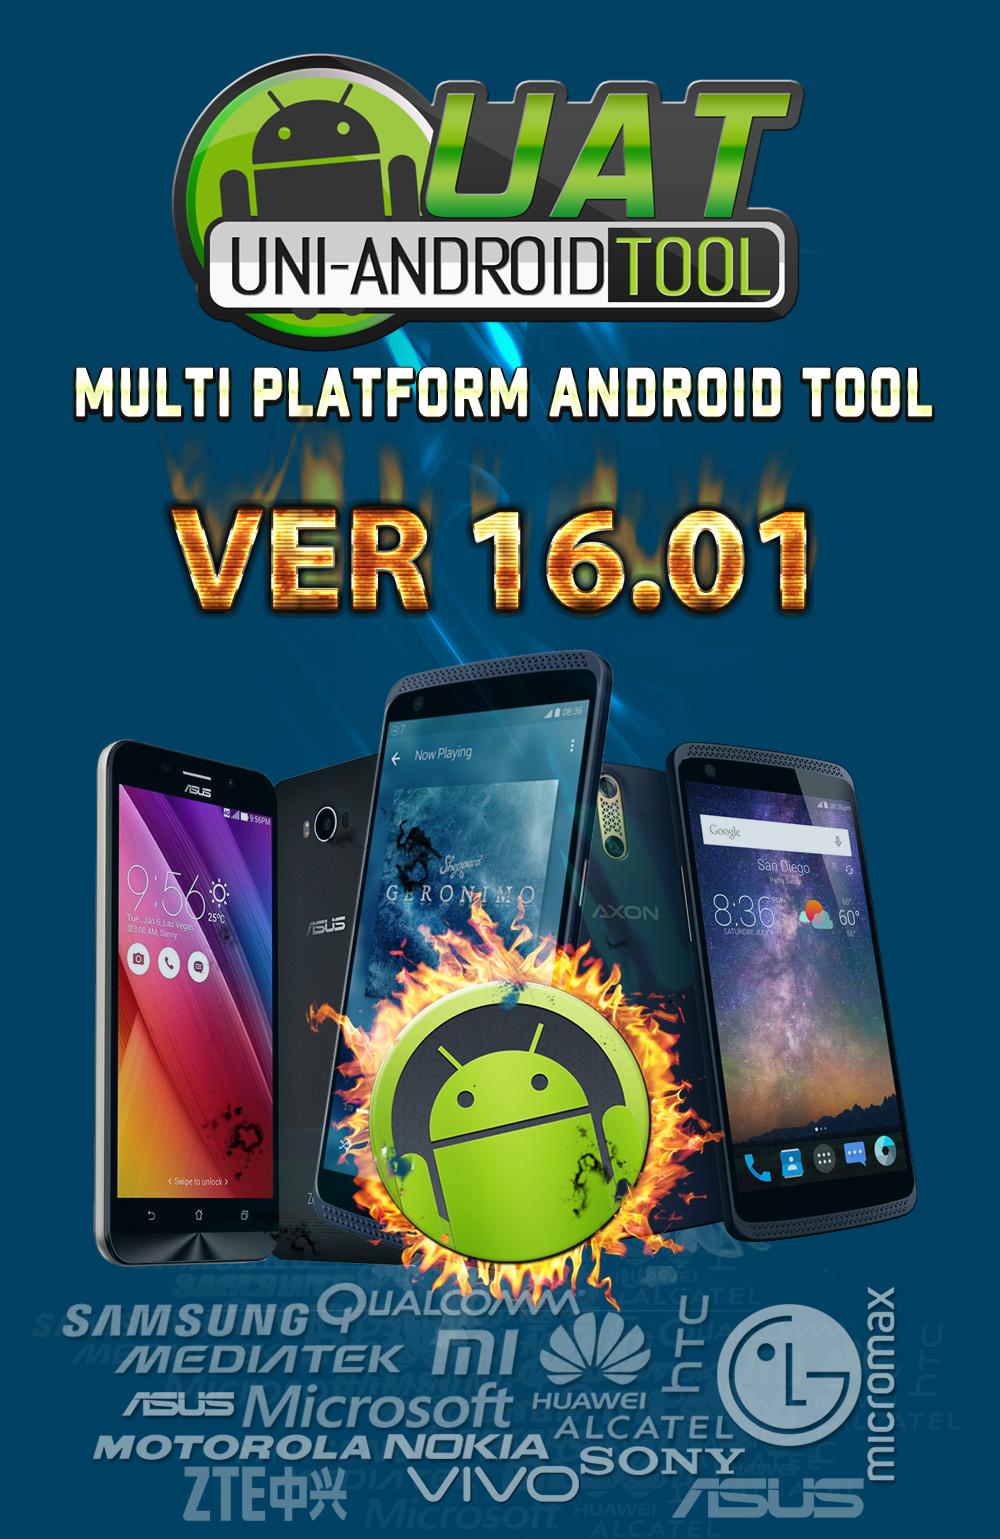 :تحديثــات: Uni-Android Tool [UAT] Version 16.01 Released [5/4/2018] K6JCDGSy